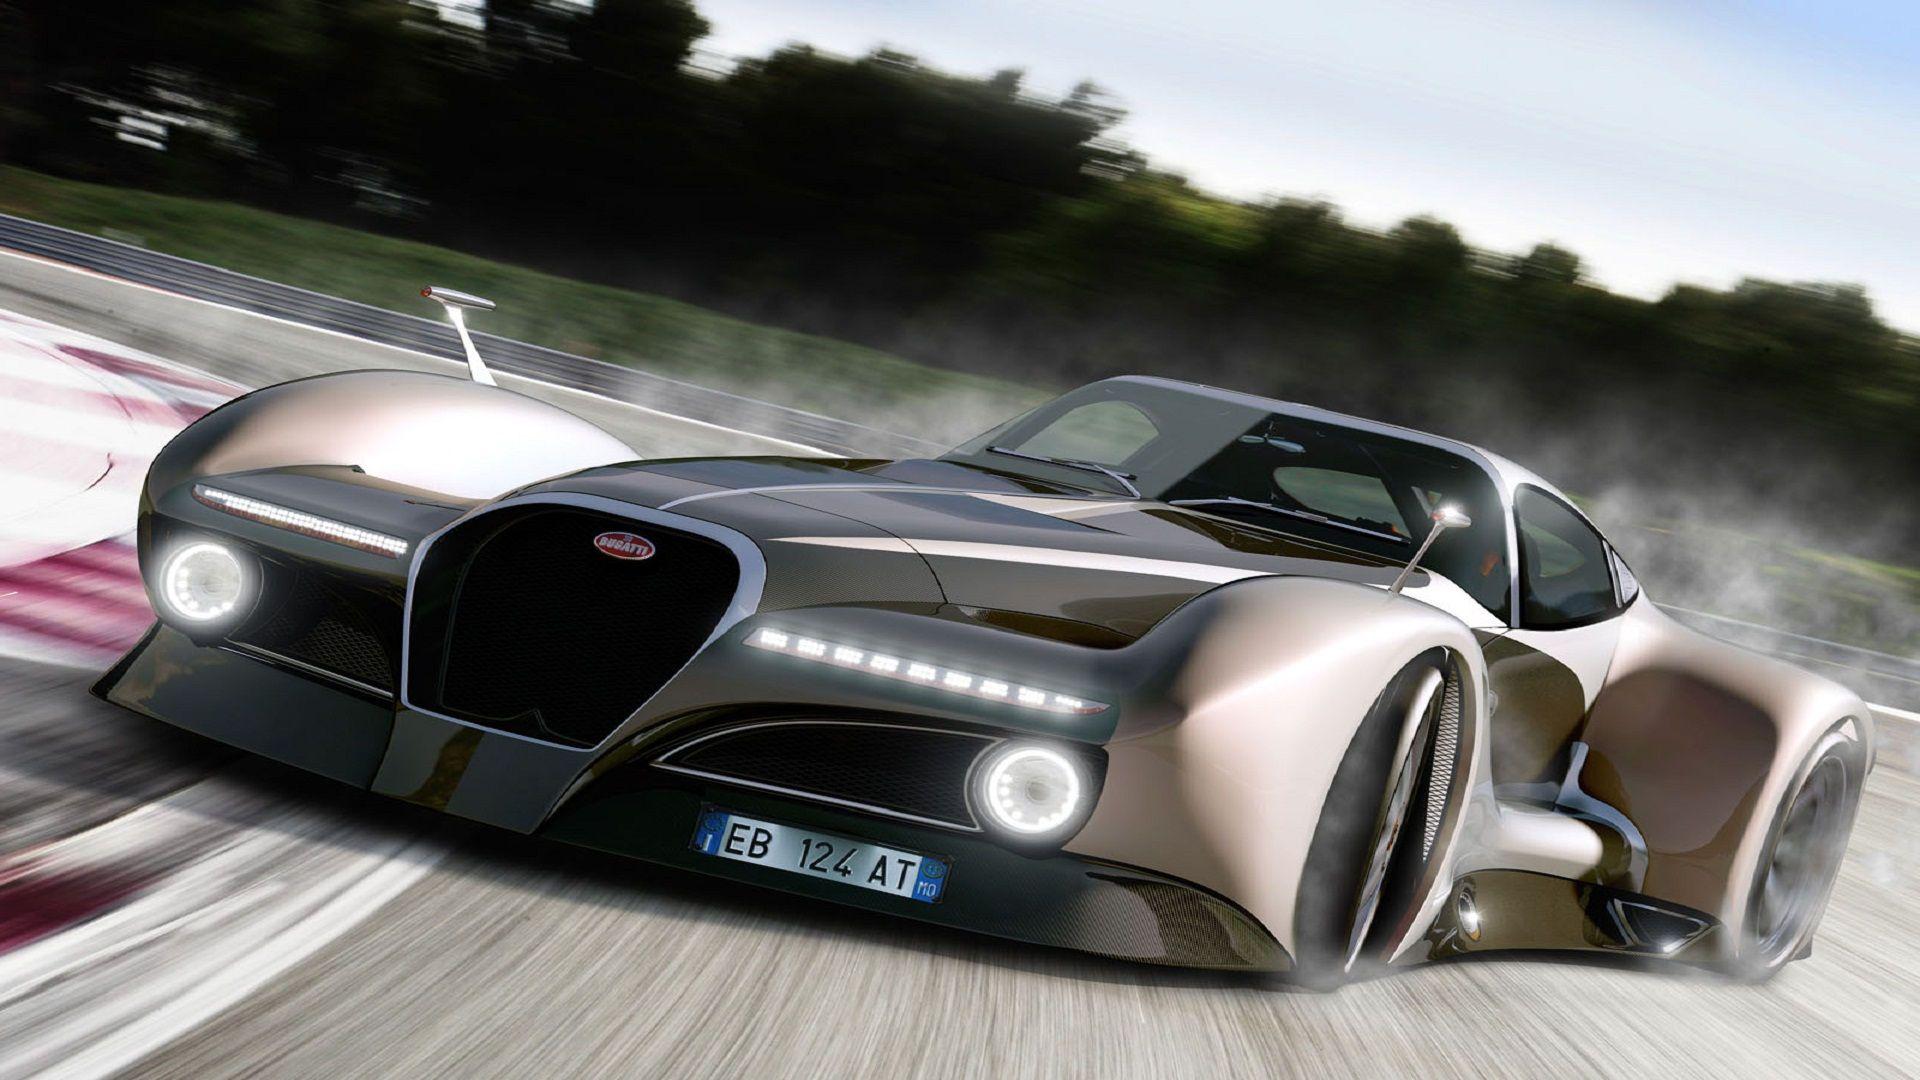 Lamborghini Concept Cars 2016 2016 bugatti 12 4 atlantique ...